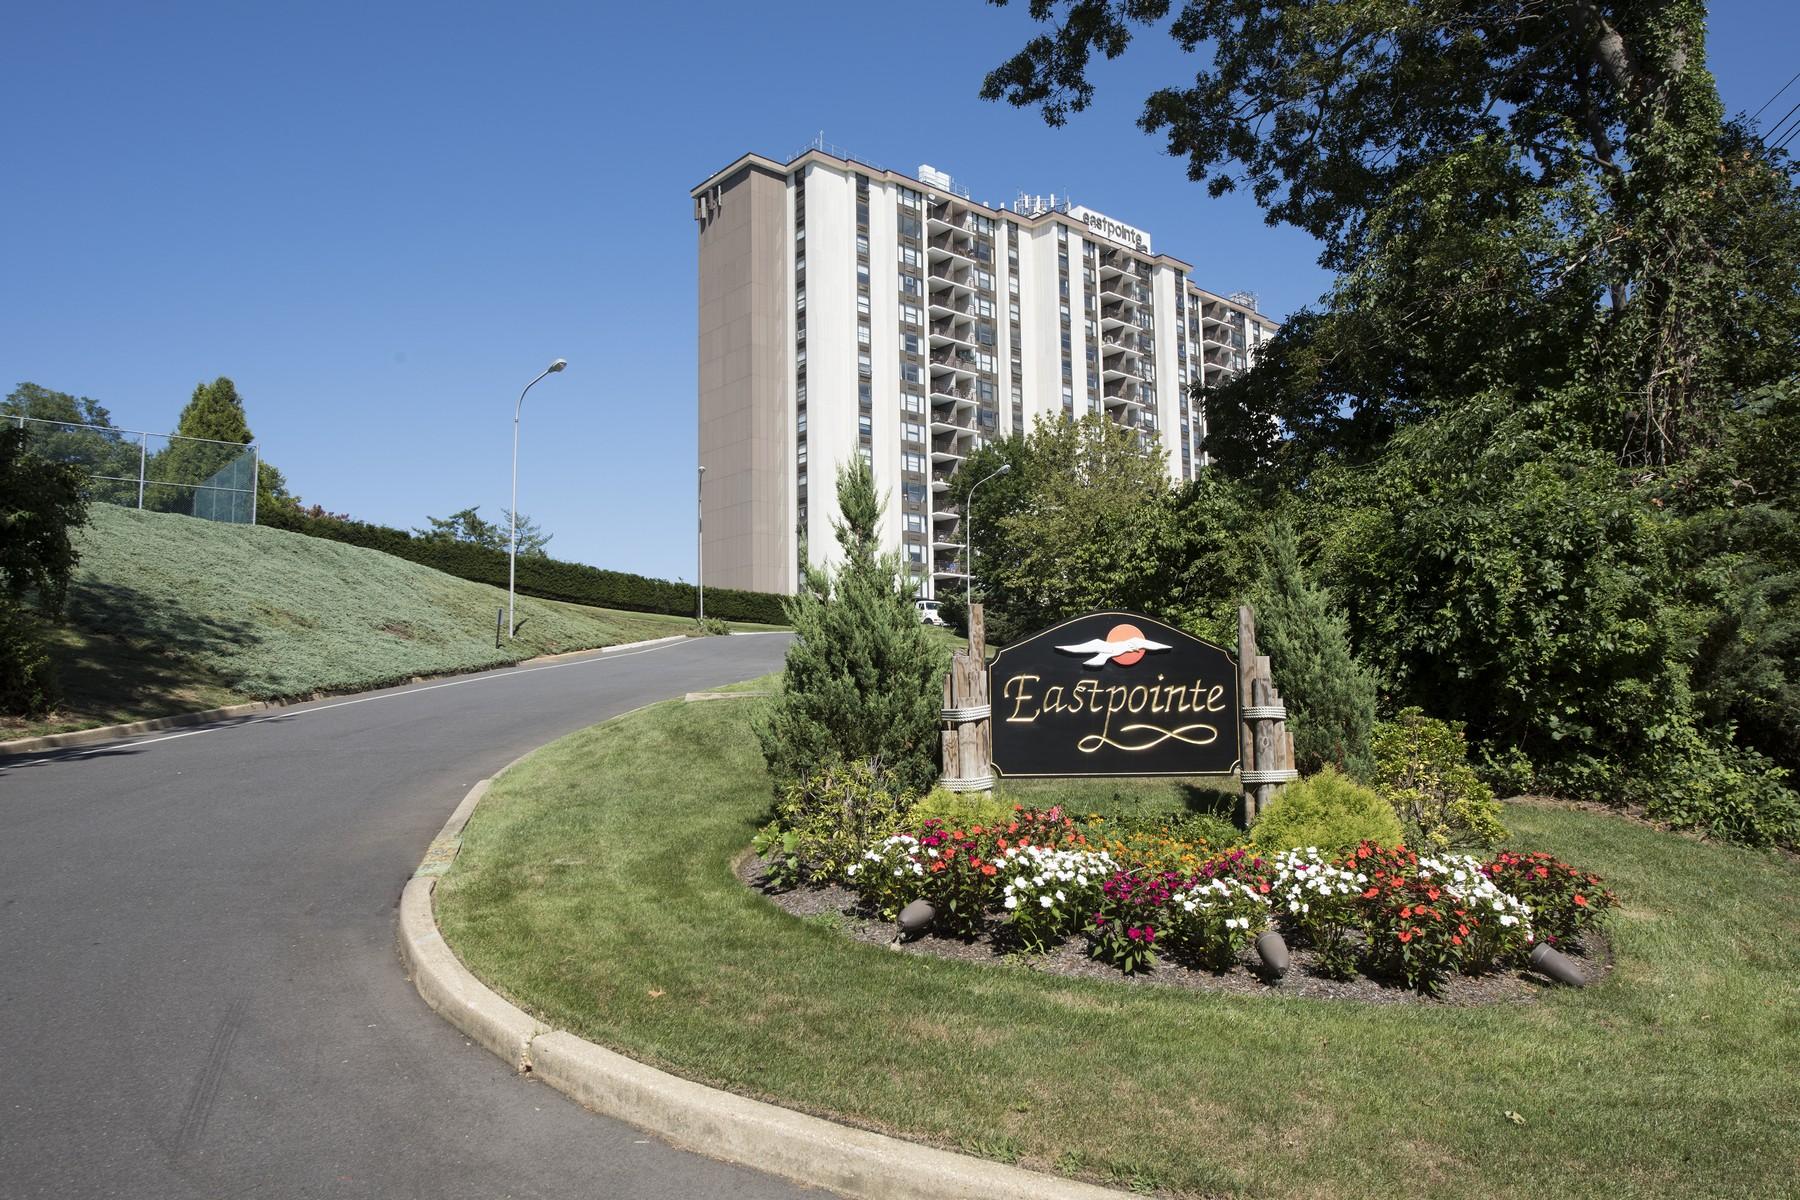 共管物業 為 出售 在 Eastpointe Condominiums 1 Scenic Drive. #408 Highlands, 新澤西州, 07732 美國